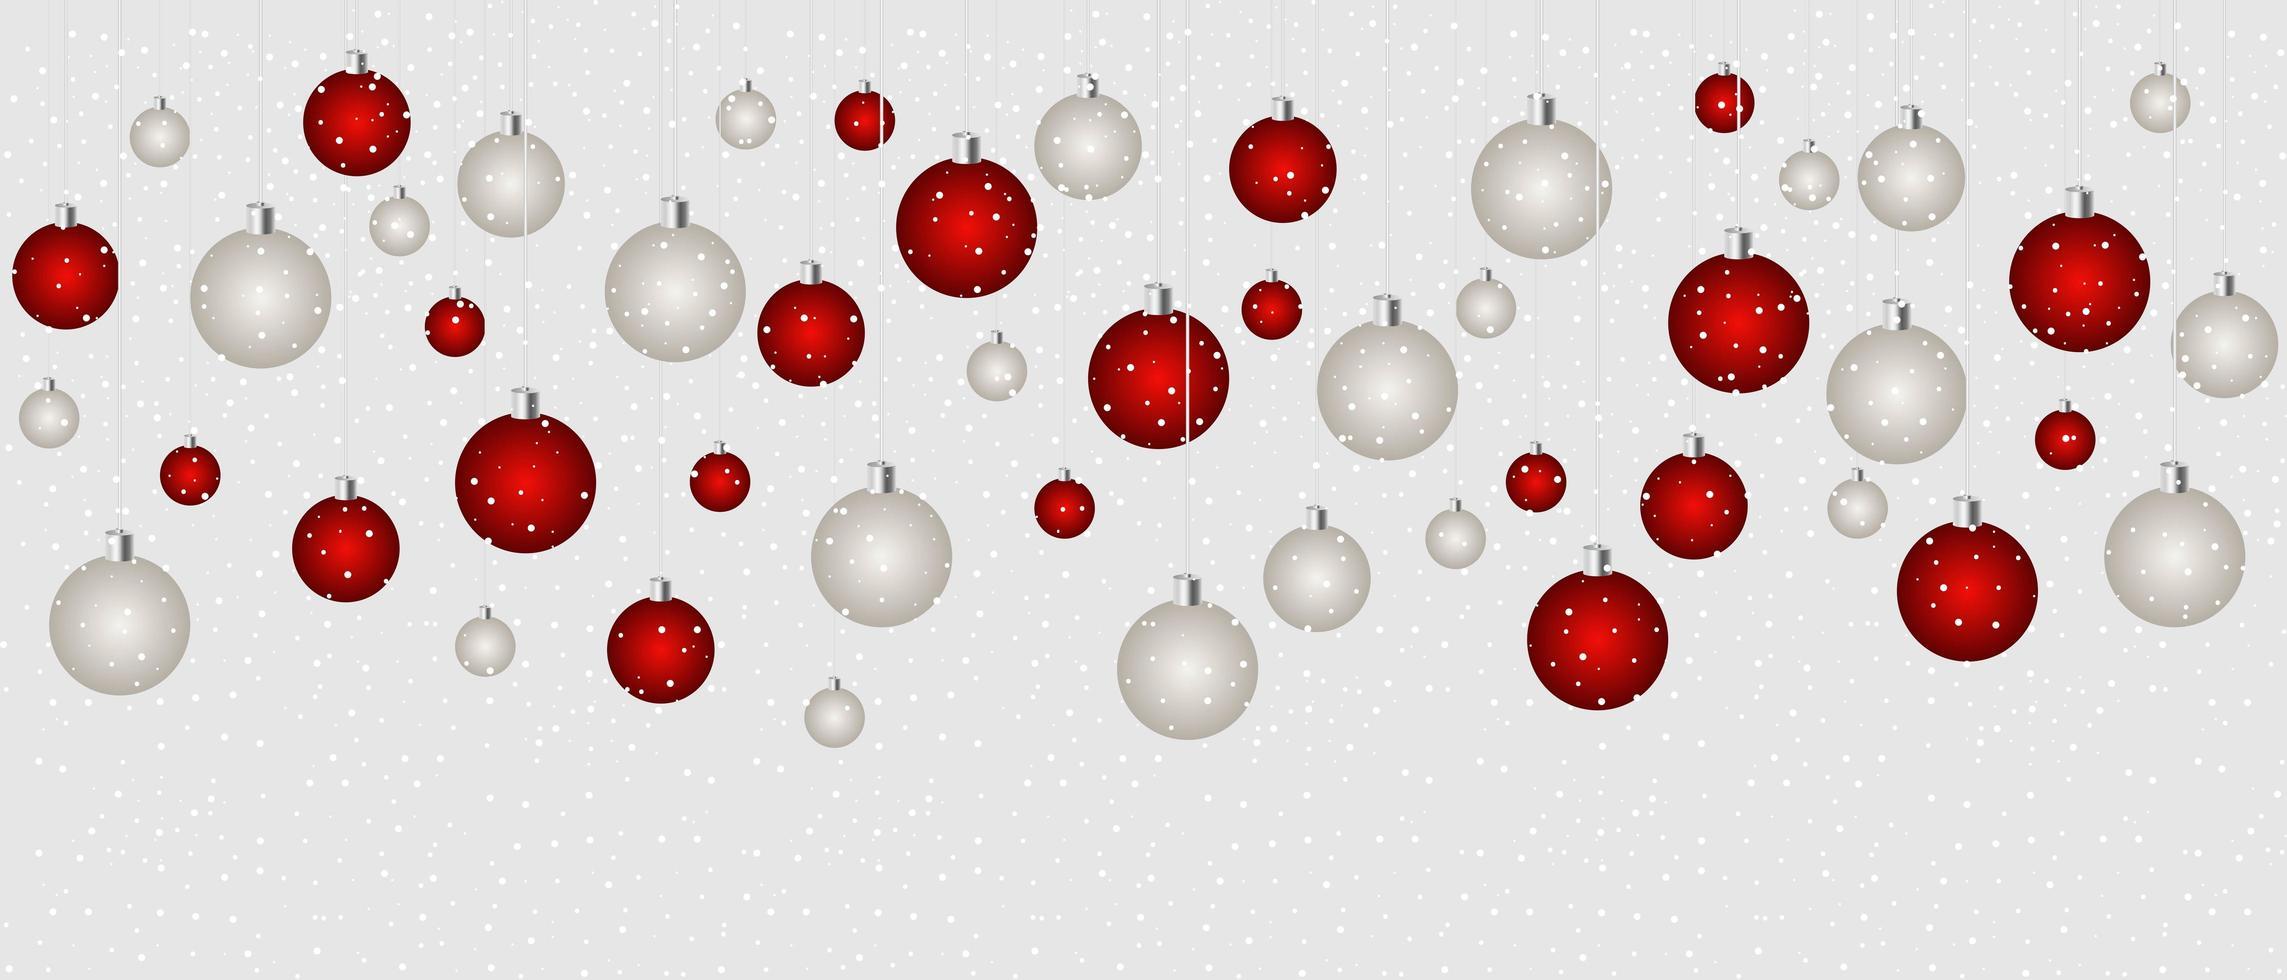 sfondo di palle di Natale vettore